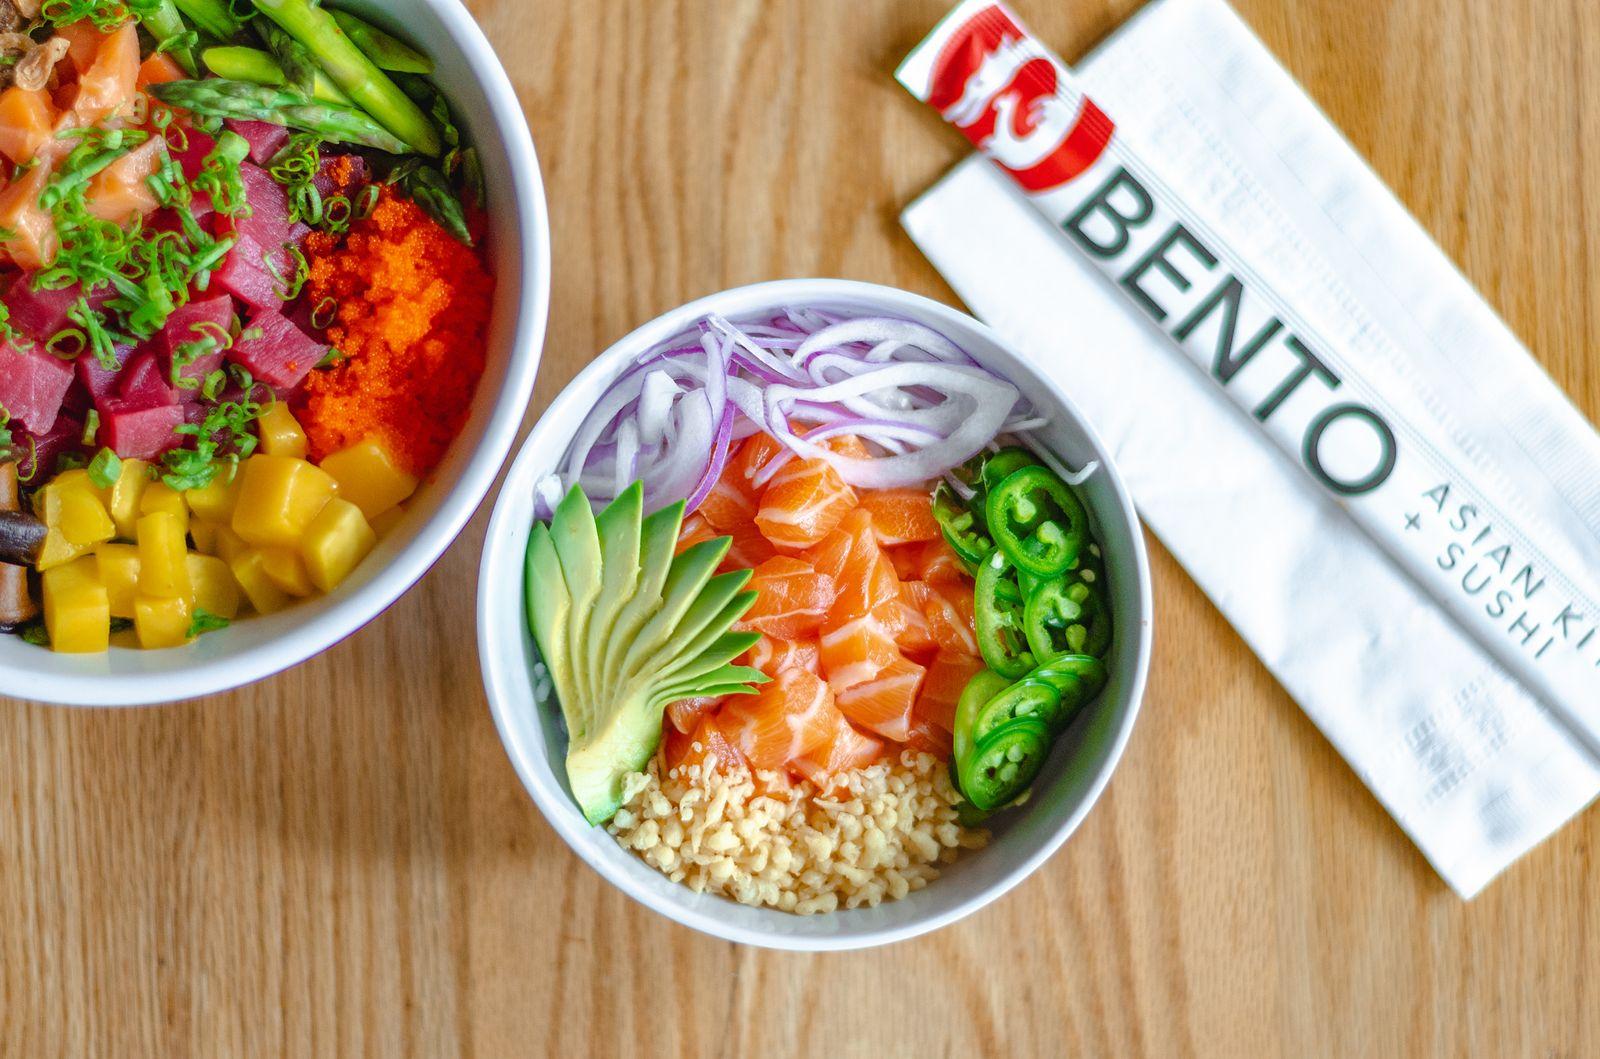 Popular Pan-Asian Restaurant Bento Introduces New Mini Poké Bowls